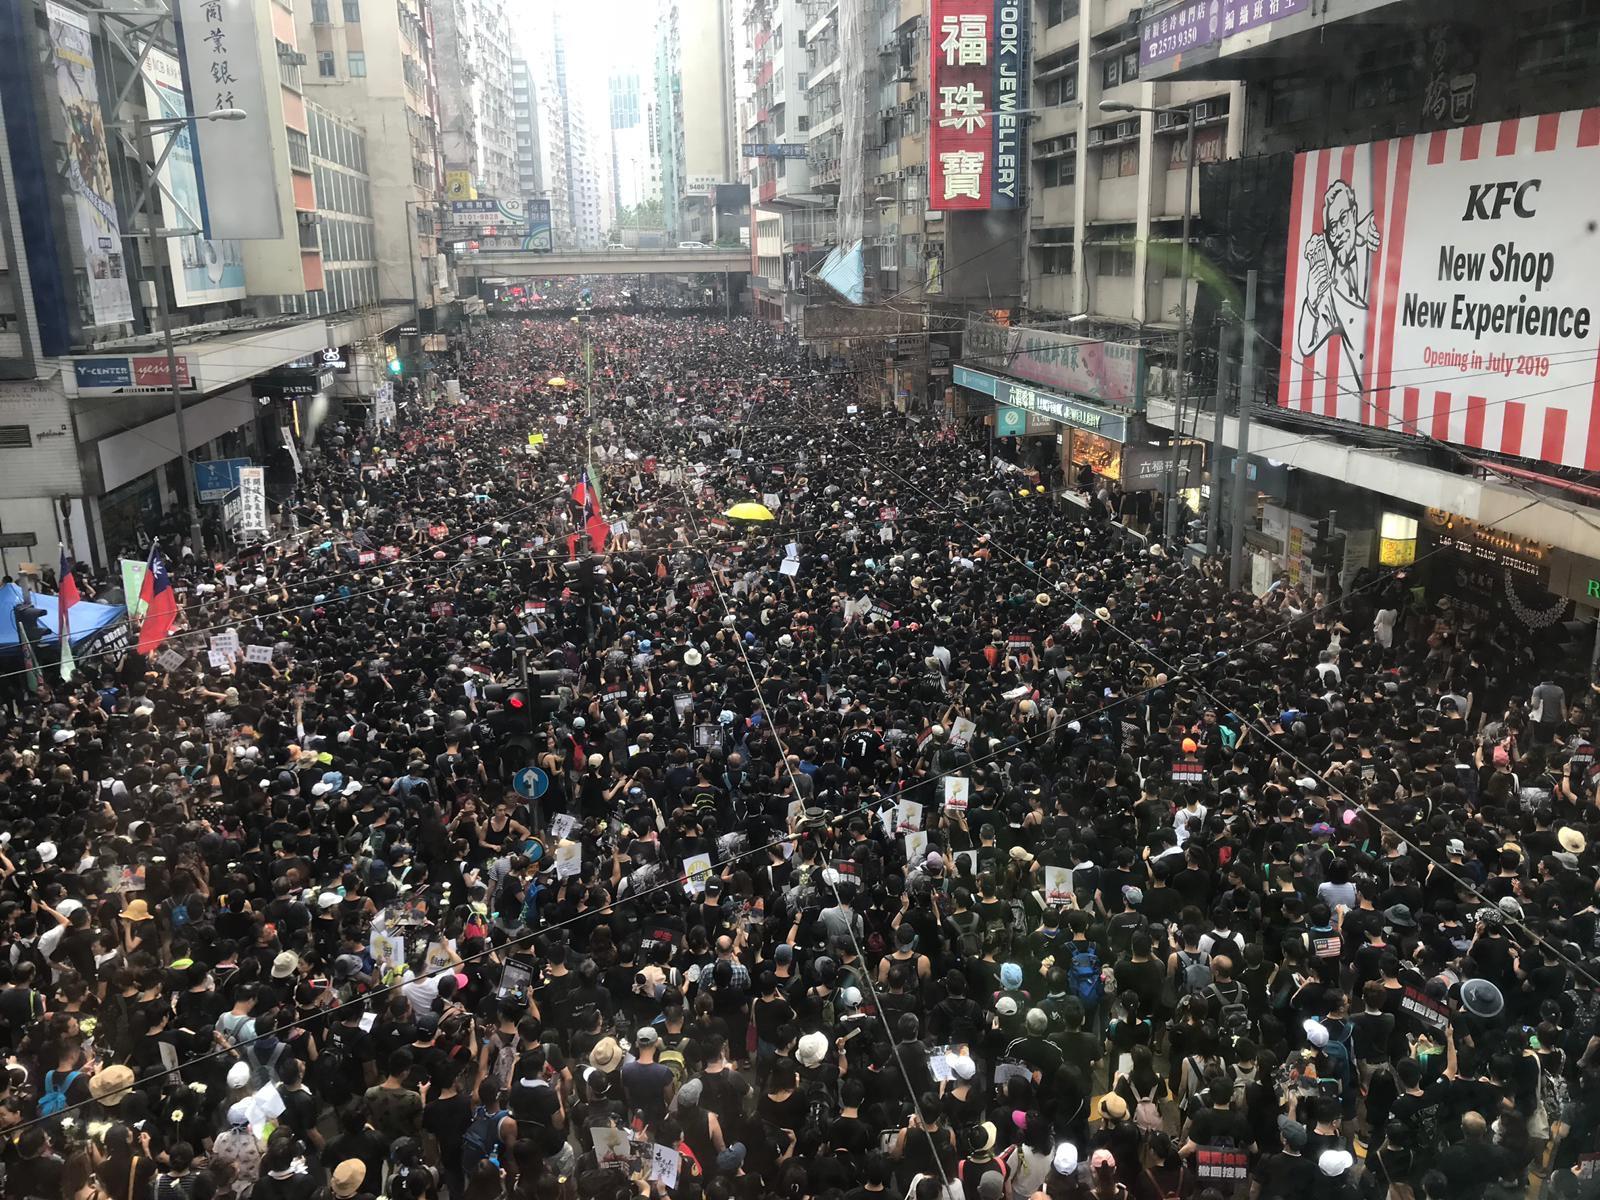 2019年6月16日,香港数以万计的市民示威大游行,要求香港领导人下台,并撤回引渡法案。(本台记者摄)